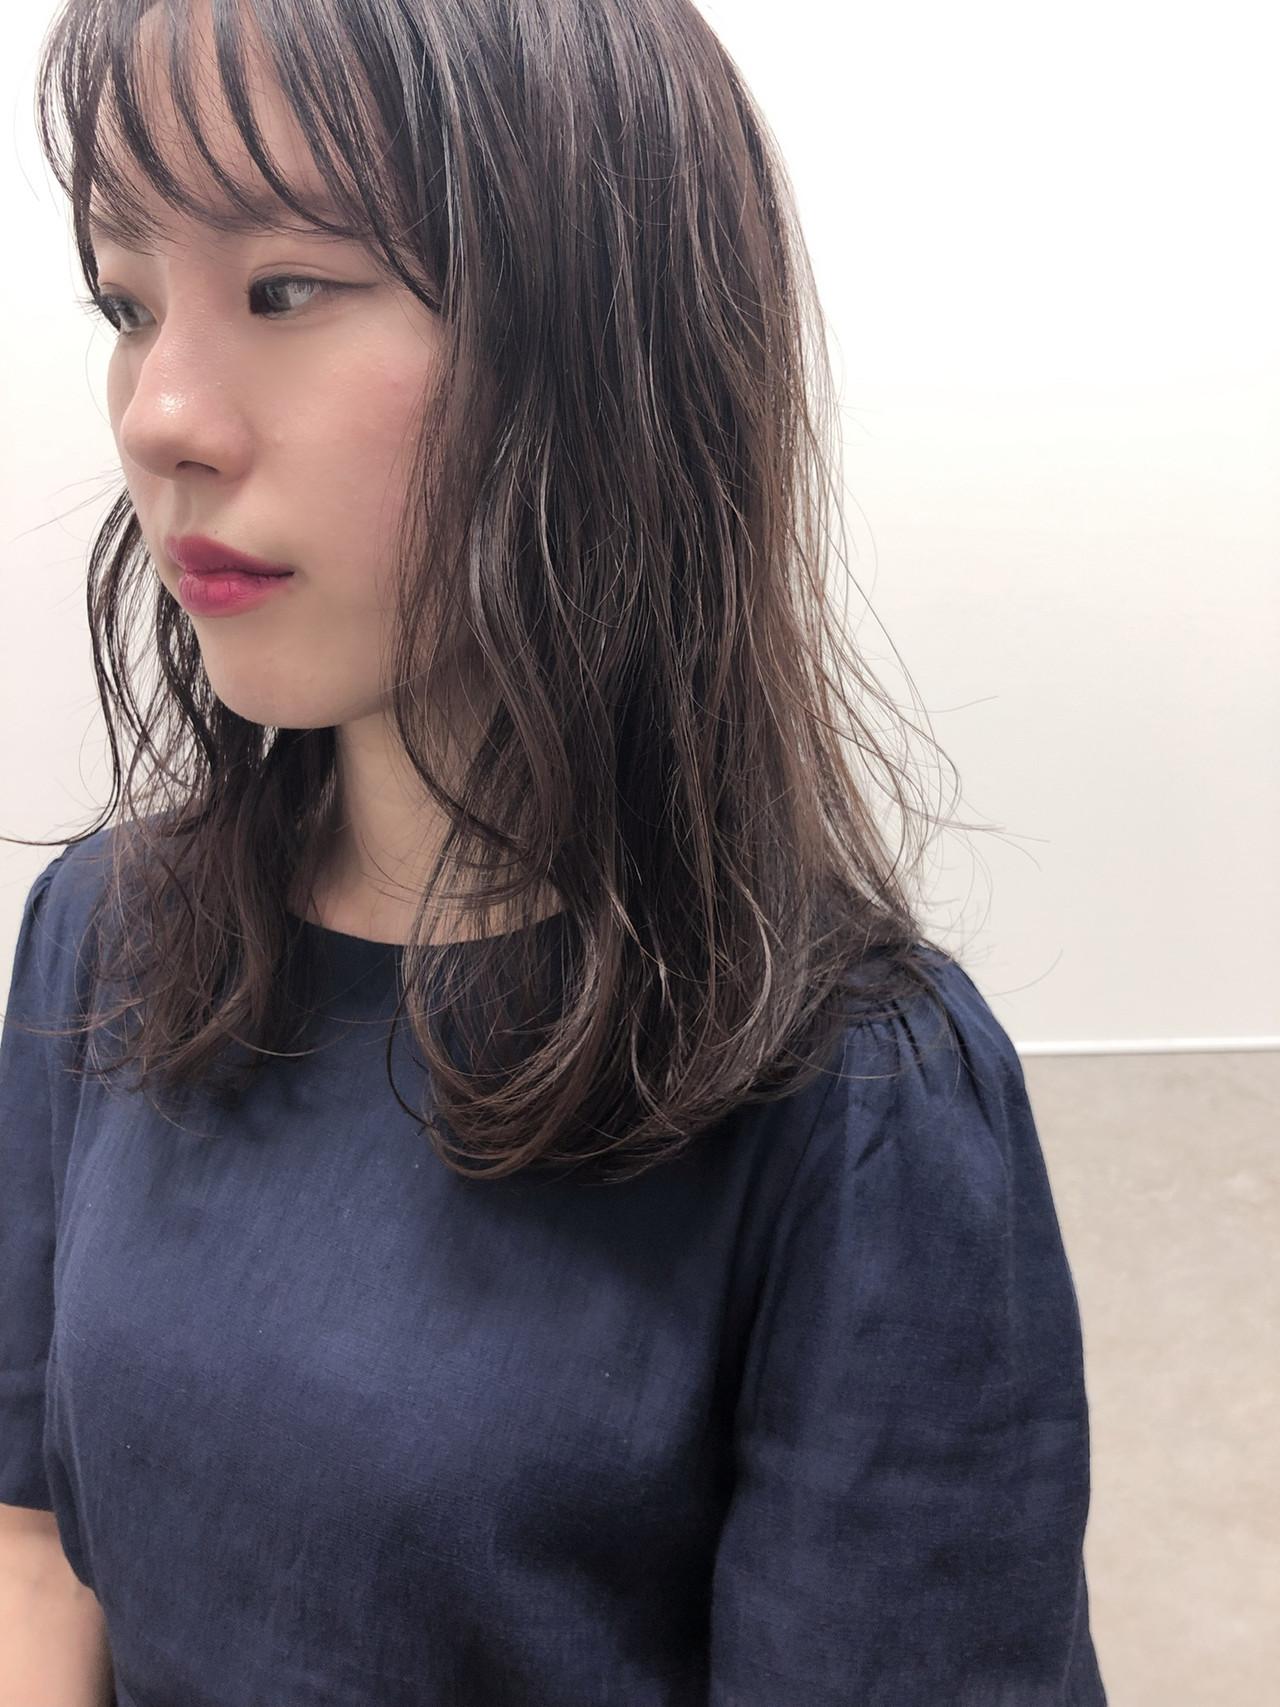 レイヤーカット レイヤースタイル レイヤーヘアー ミディアムレイヤー ヘアスタイルや髪型の写真・画像   hoshiko dai / Retaaan